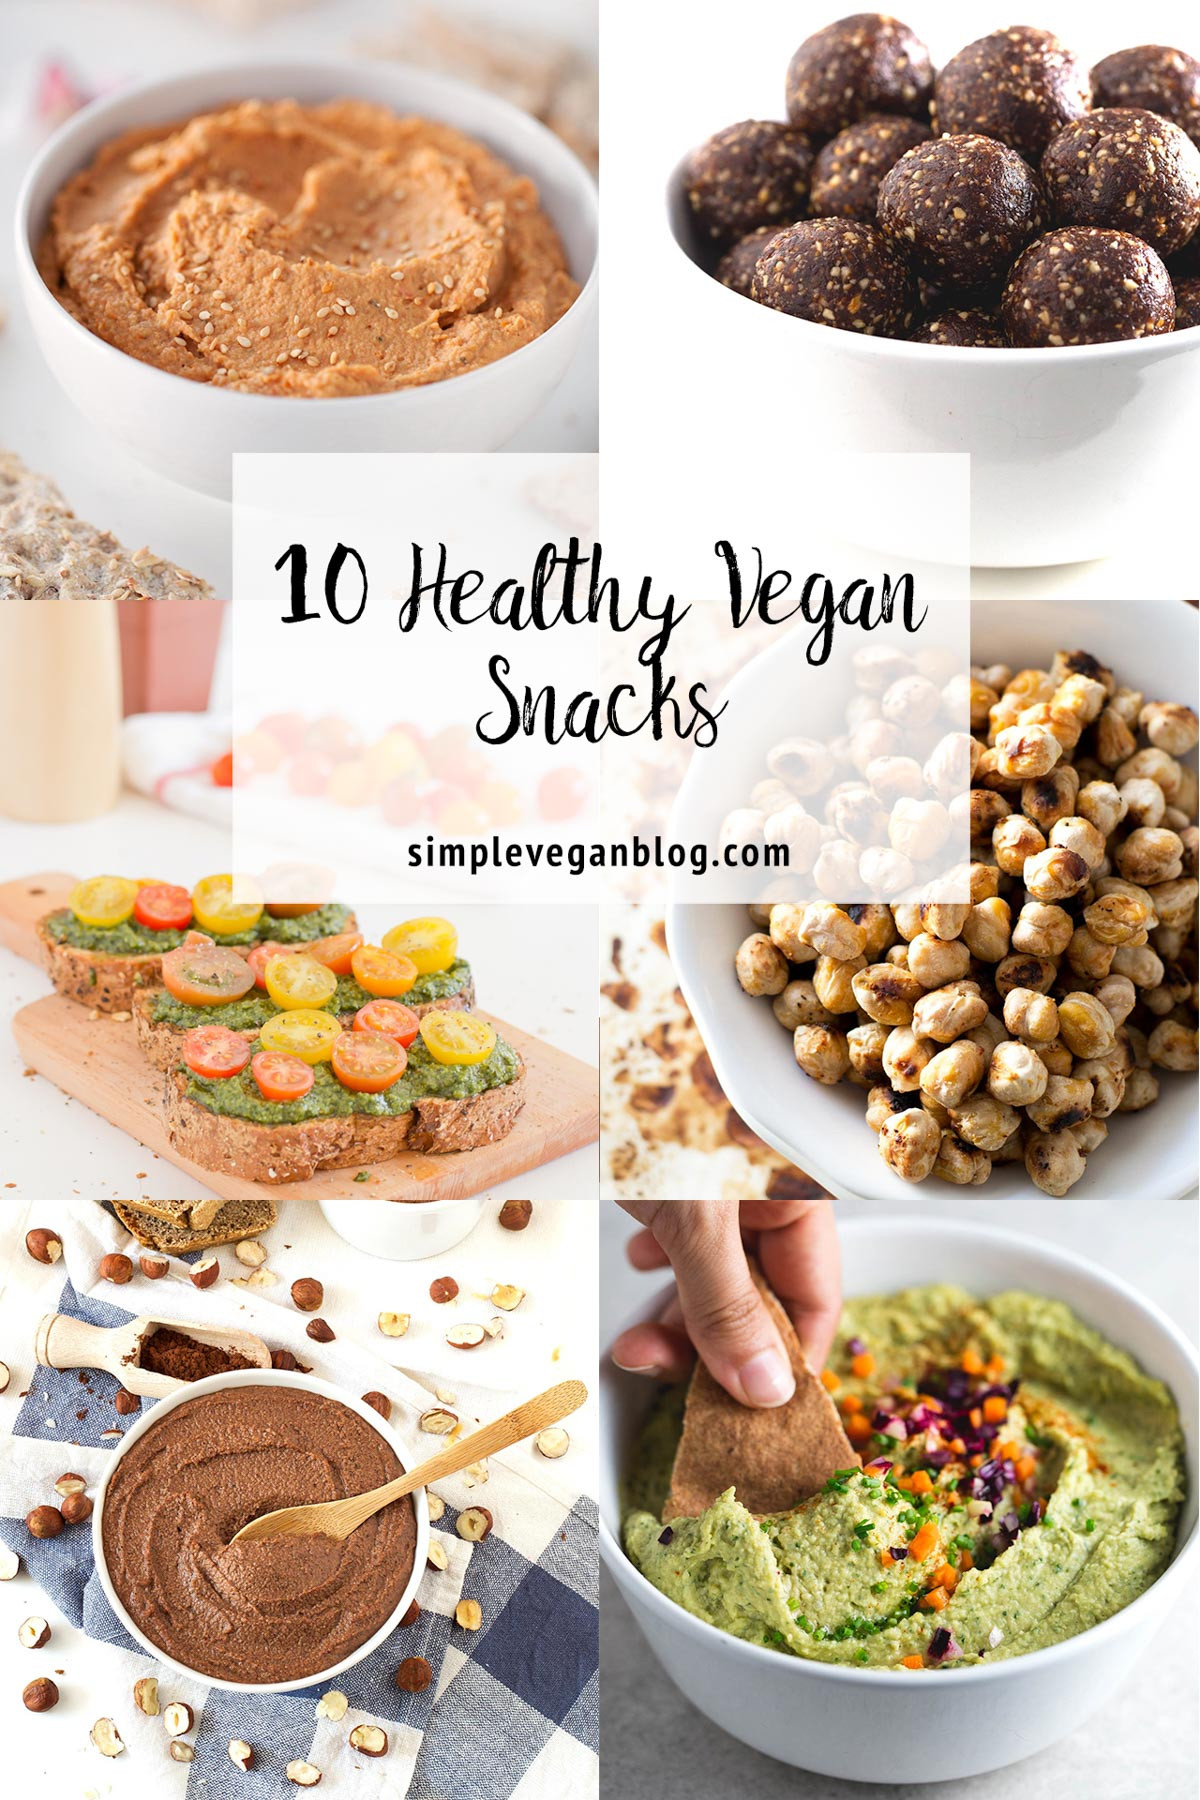 Vegan Snacks Recipes  10 Healthy Vegan Snacks